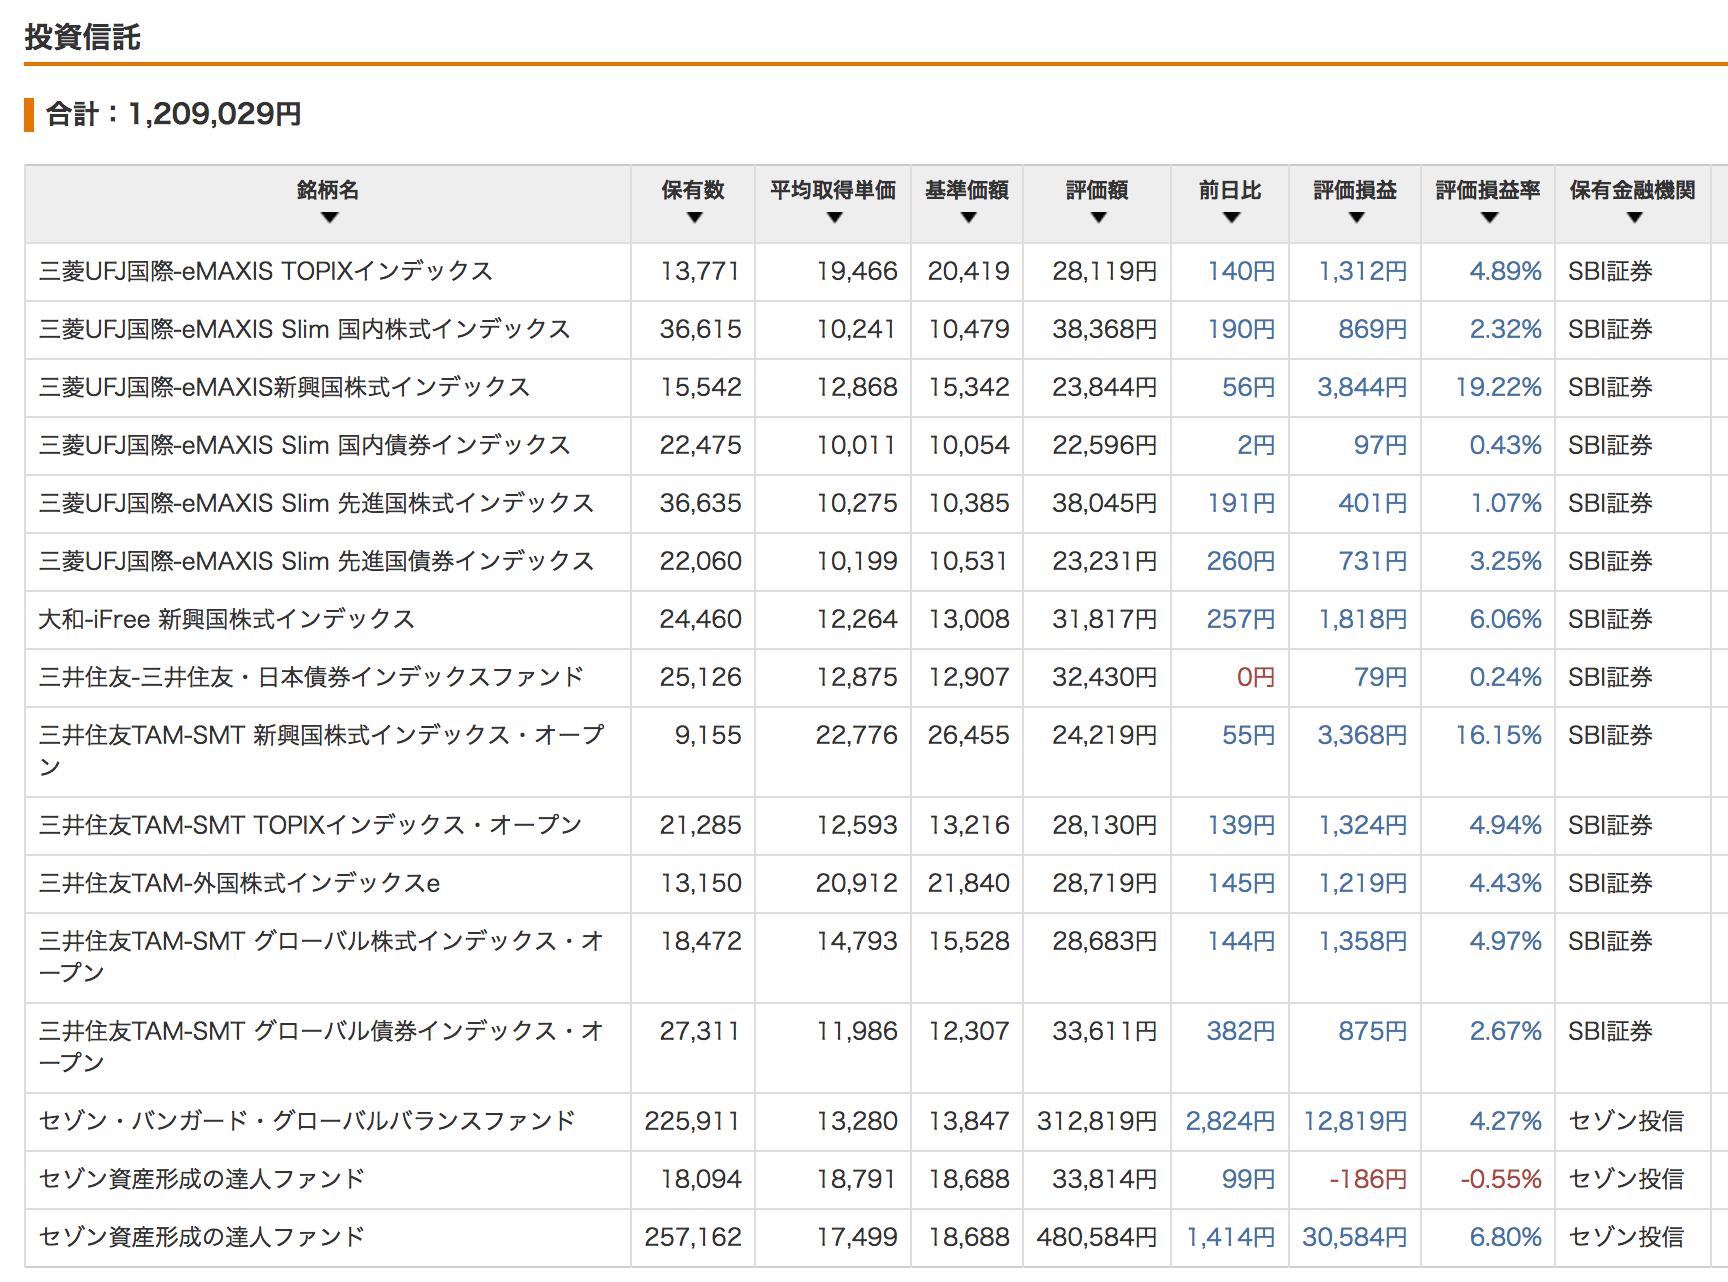 投資信託 (2017/8)